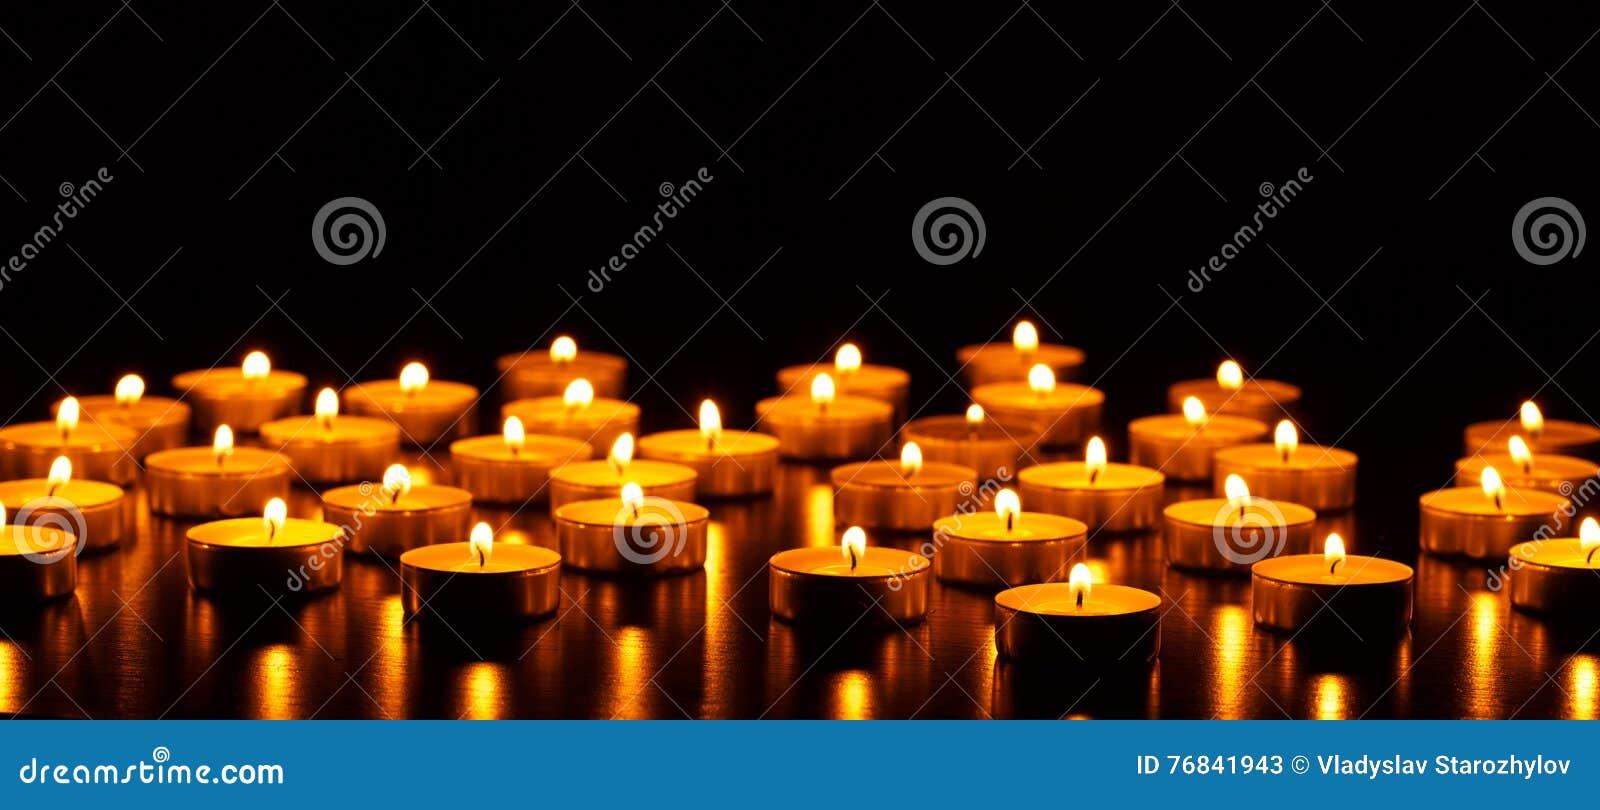 Molti candele brucianti con profondità di campo bassa